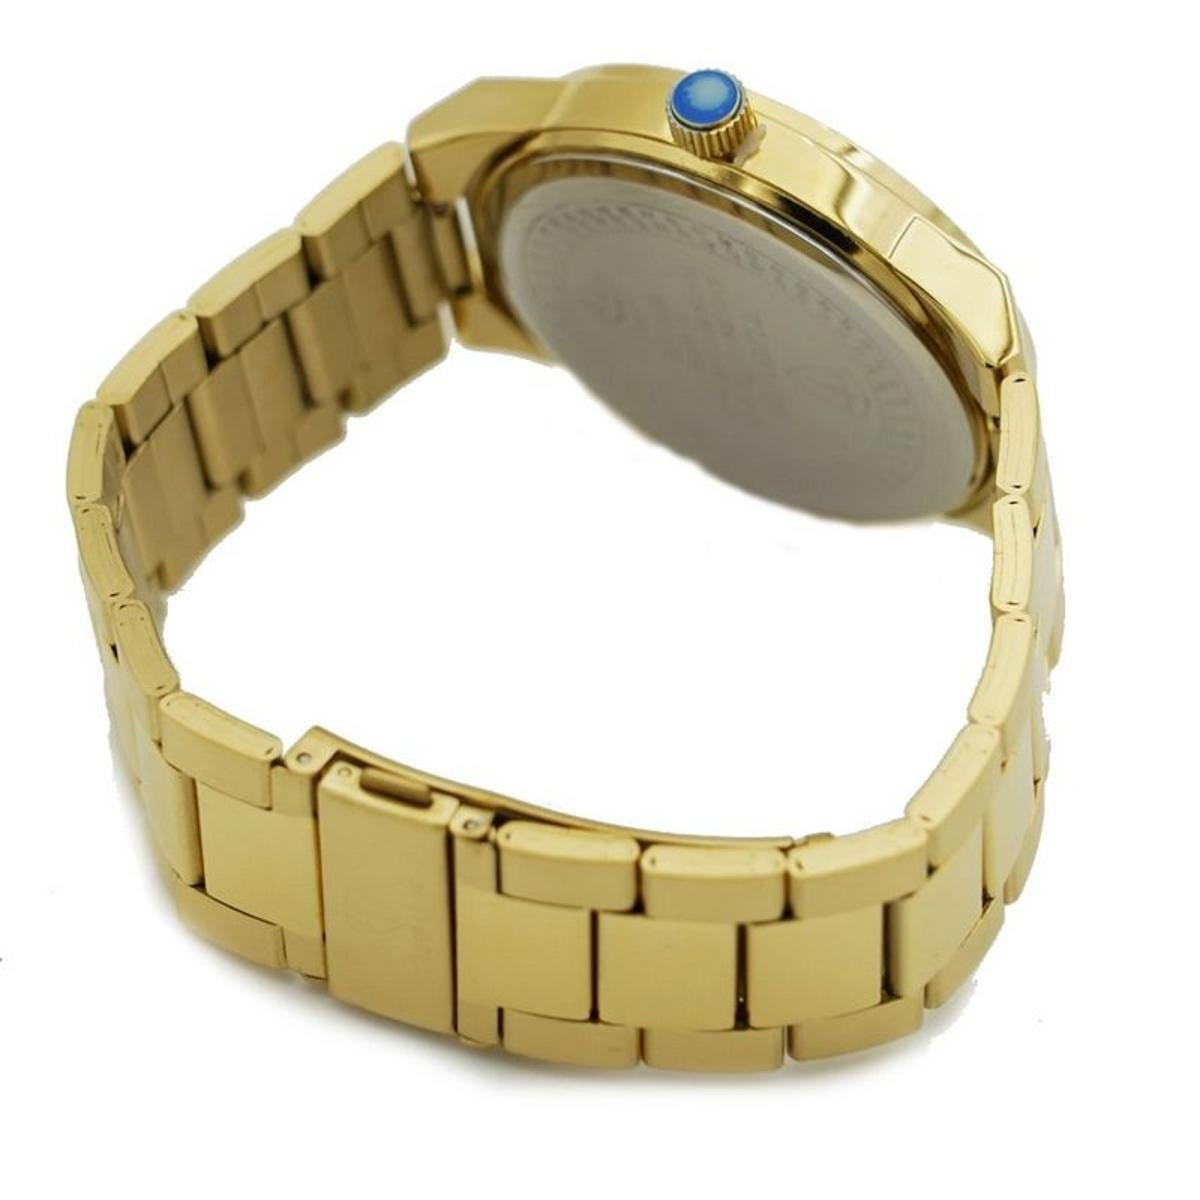 b8db85029a8 Relógio Romaplac Tuguir Analógico - Dourado - Compre Agora